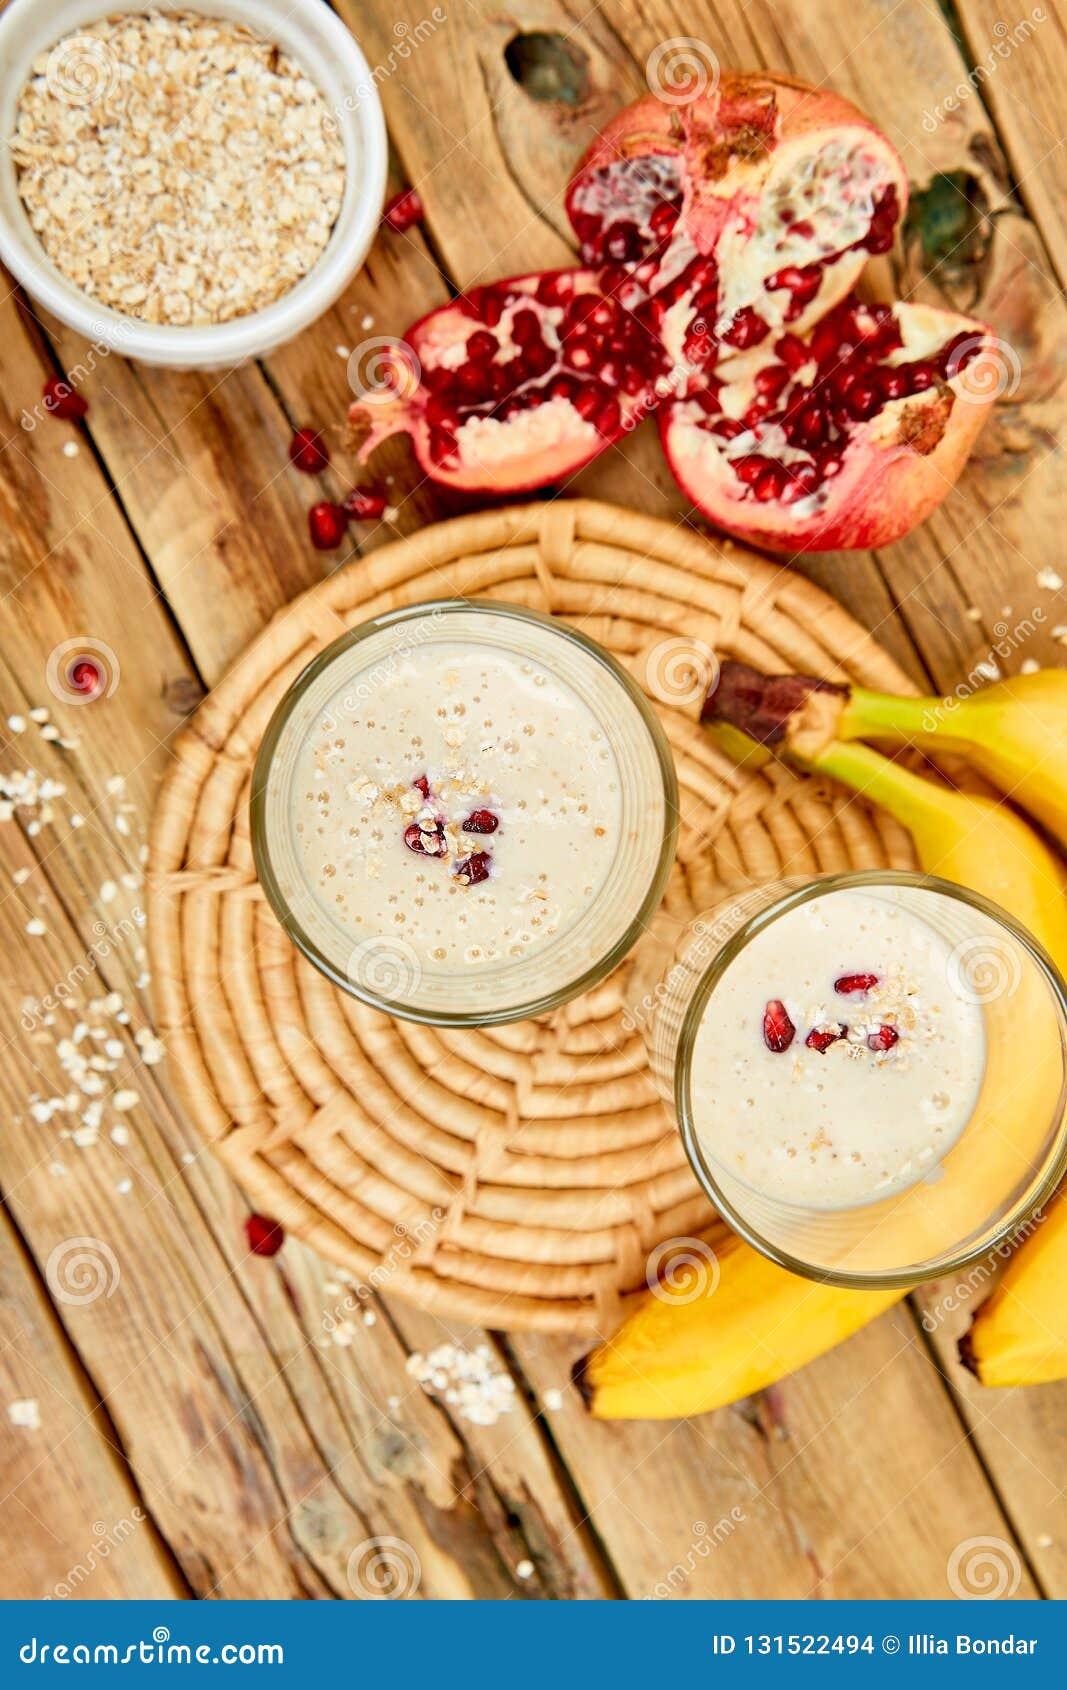 dieta platano rip-off leche